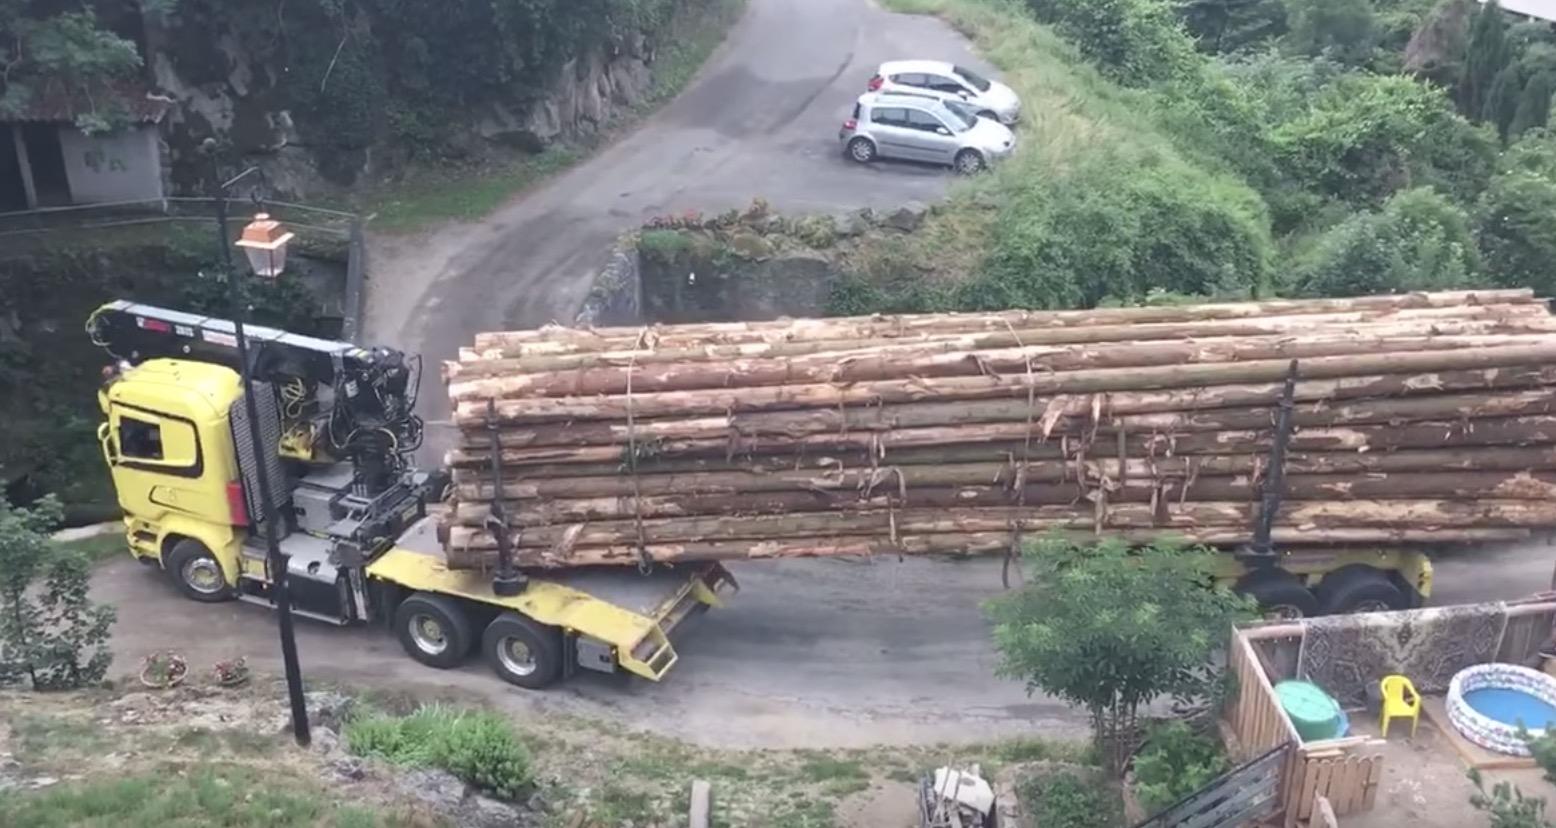 【神技】絶対渡れなそうな橋を素晴らしいテクニックで渡るトラックが凄い!!